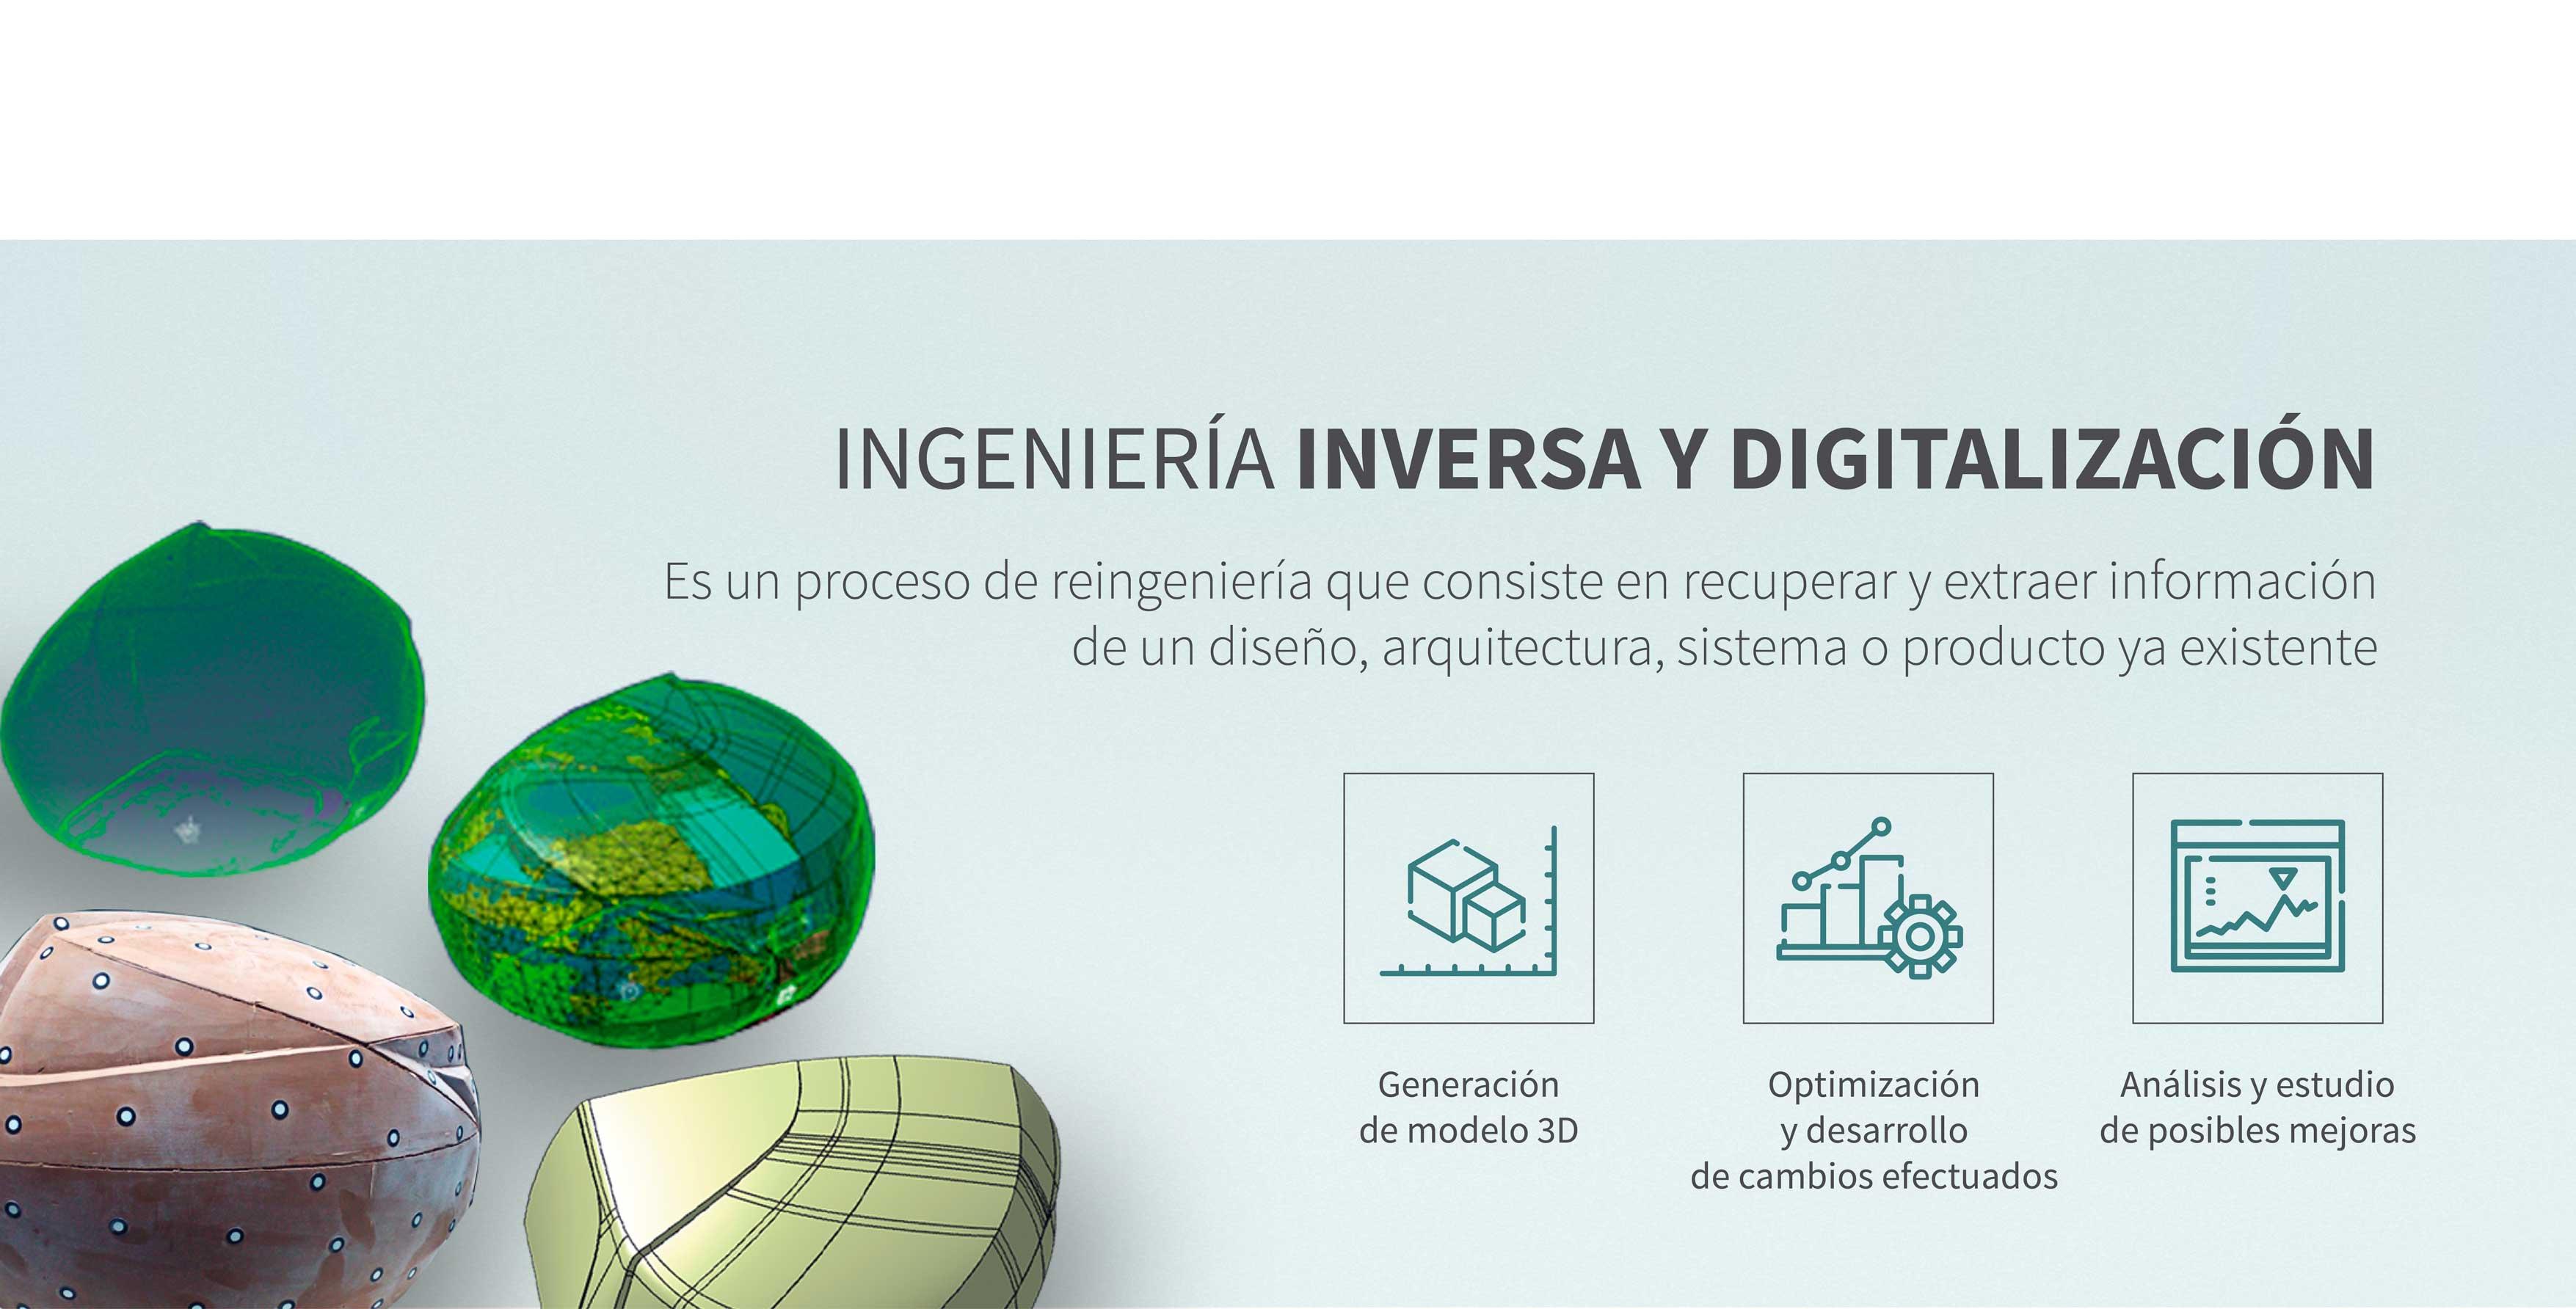 Ingenieria-inversa-y-digitalizacion